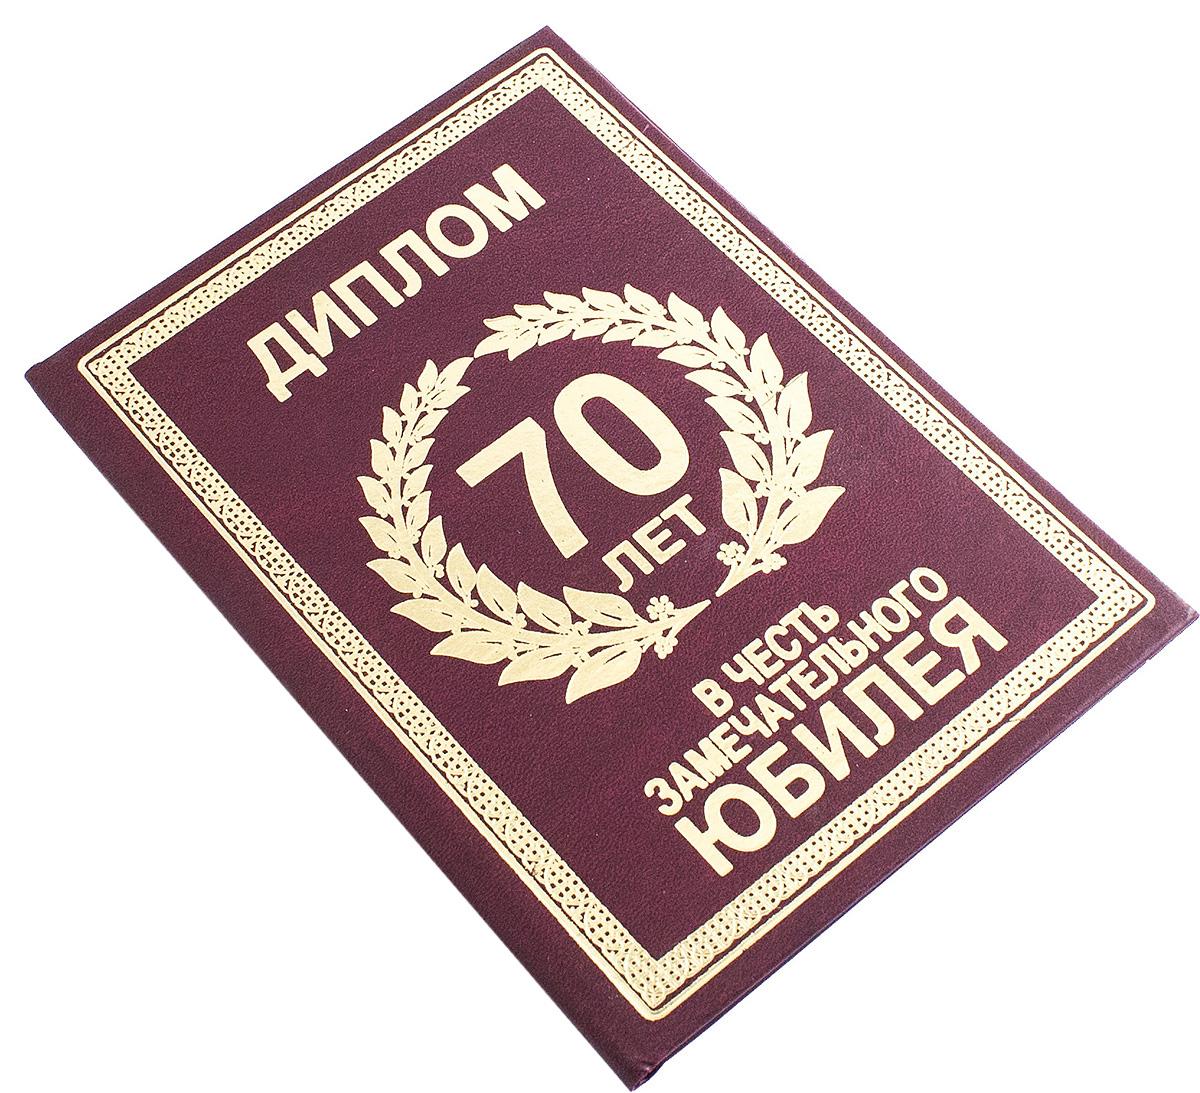 Диплом сувенирный Эврика 70 лет, A6, цвет: красный. 9344593445Красочно декорированный наградной диплом с шутливым поздравлением станет прекрасным дополнением к подарку, подскажет идею застольной речи или тоста, поможет выразить тёплые чувства к адресату. Диплом выполнен из картона, полиграфически оформлен и украшен золотым тиснением. Диплом поставляется с дополнительной индивидуальной упаковки.